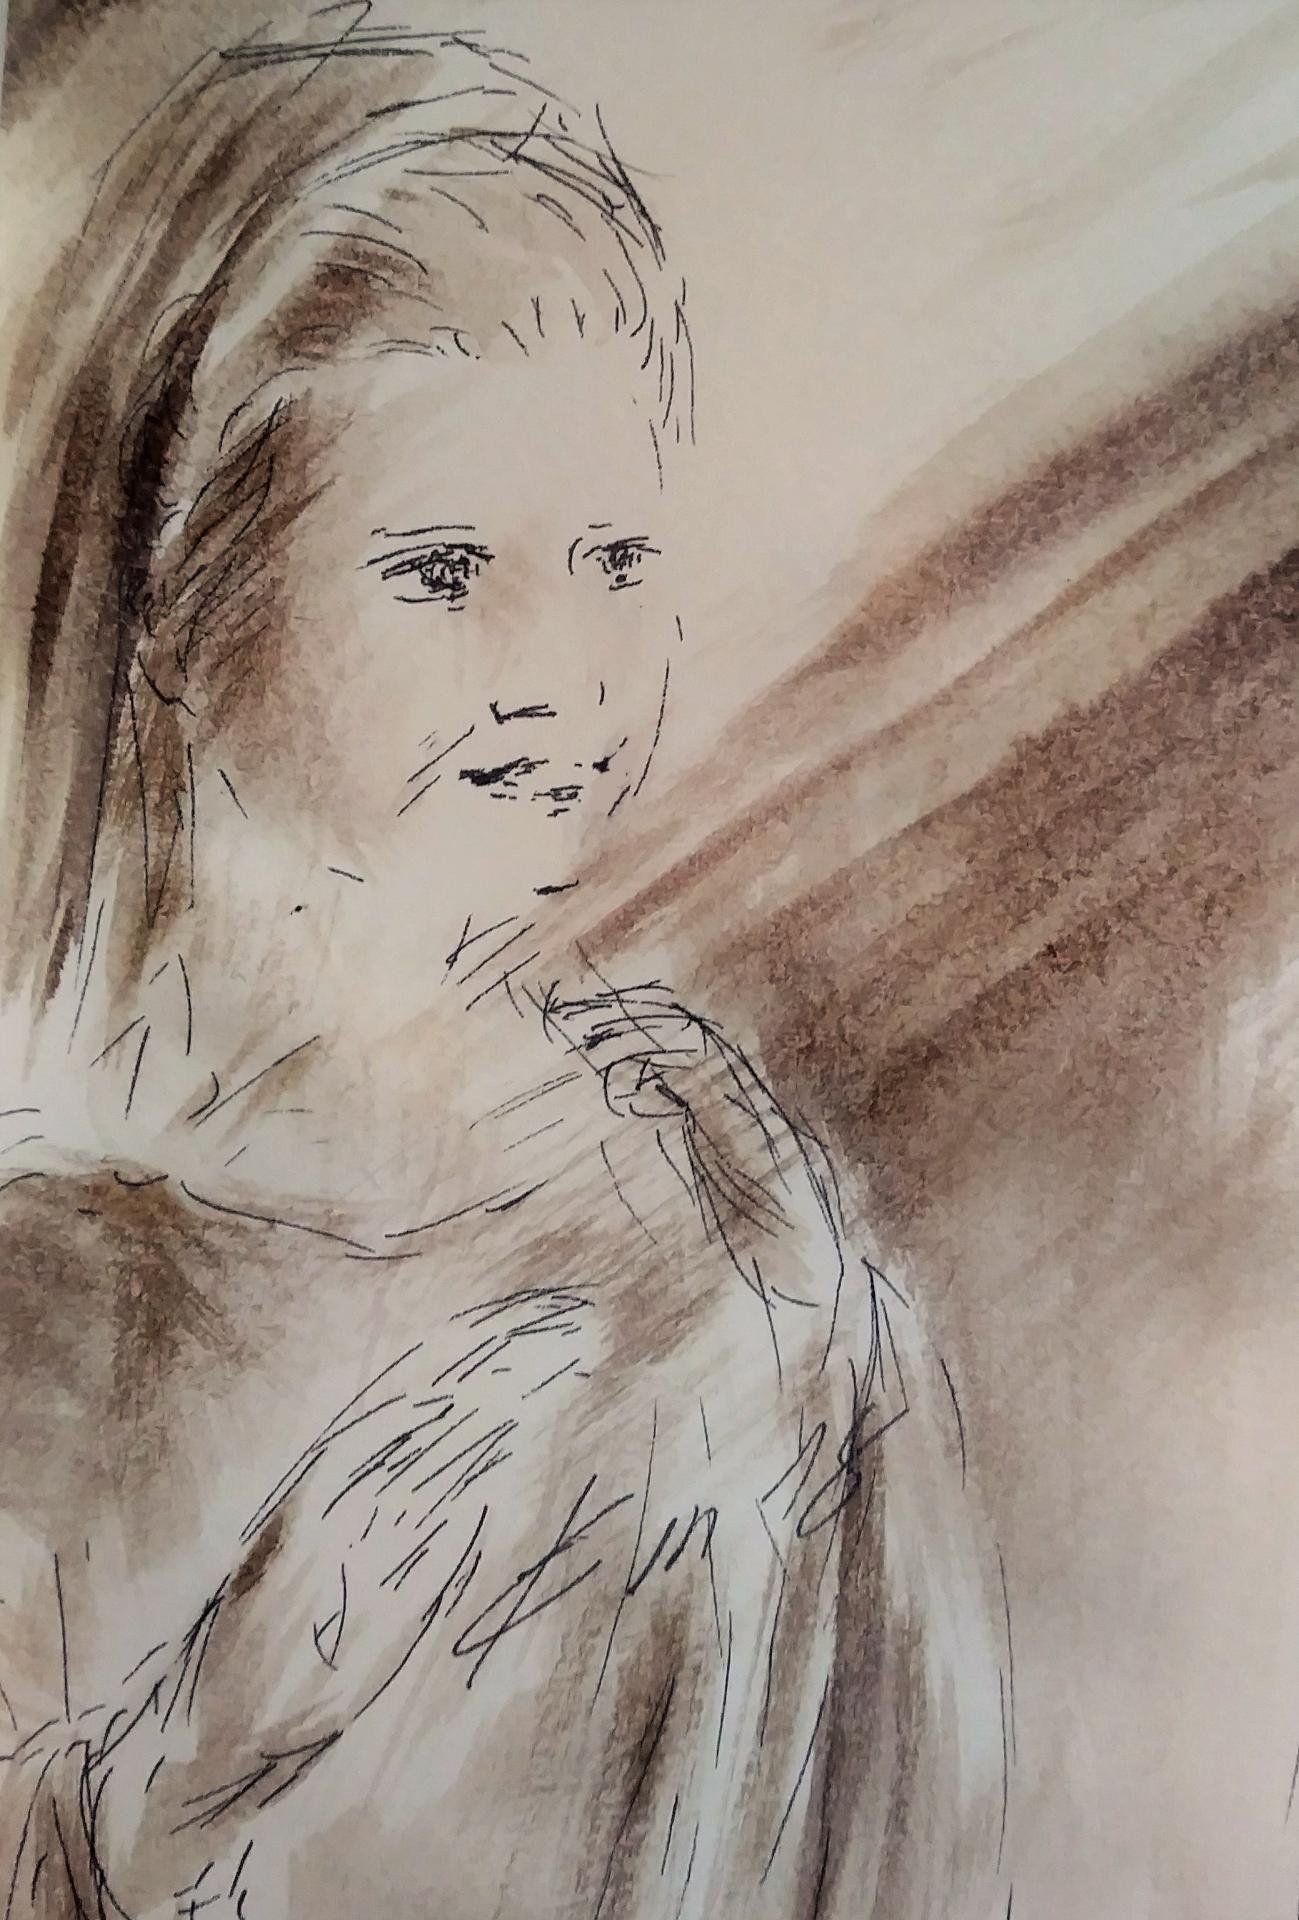 3 Avril 2018, évangile du jour illustré par un dessin au lavis